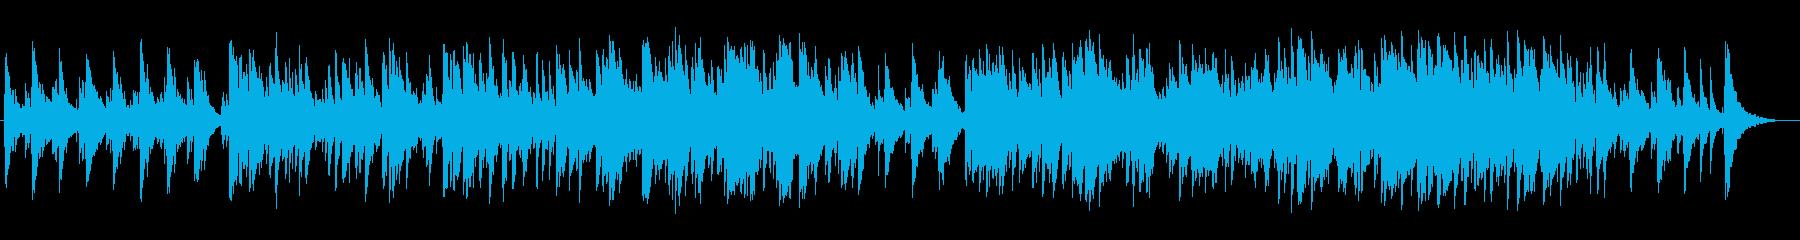 ゆったりノスタルジックなギターサウンドの再生済みの波形